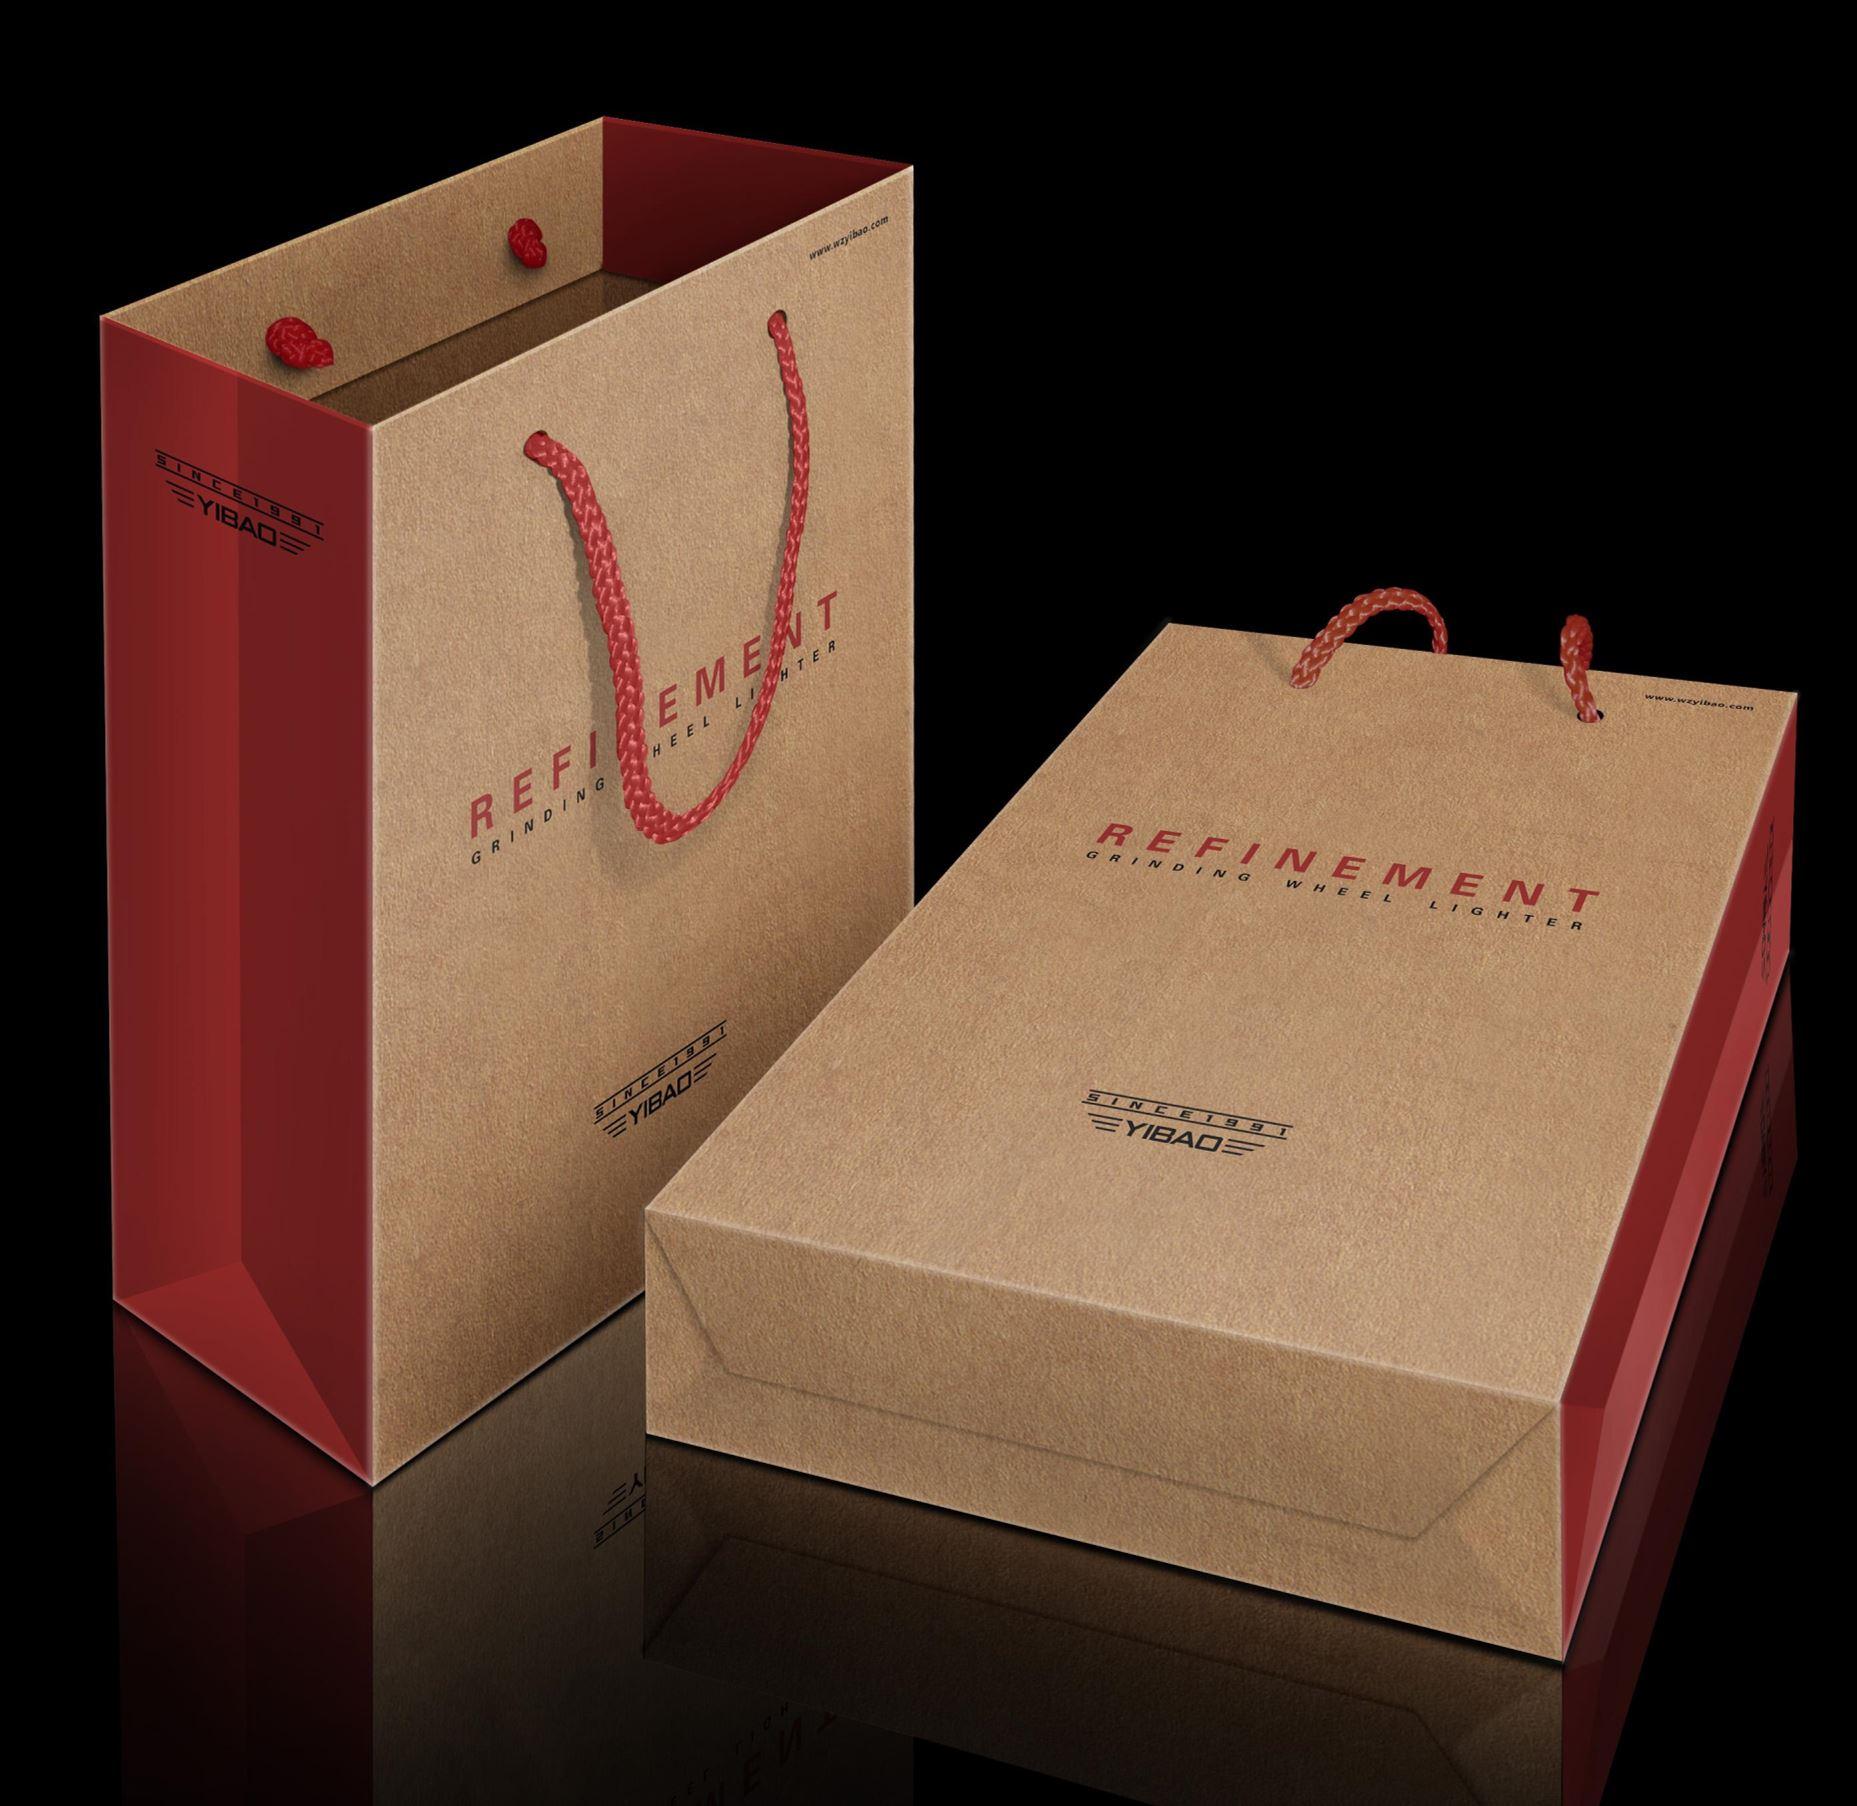 手提袋定做包装盒千赢国际娱乐客户端纸袋千赢国际娱乐客户端